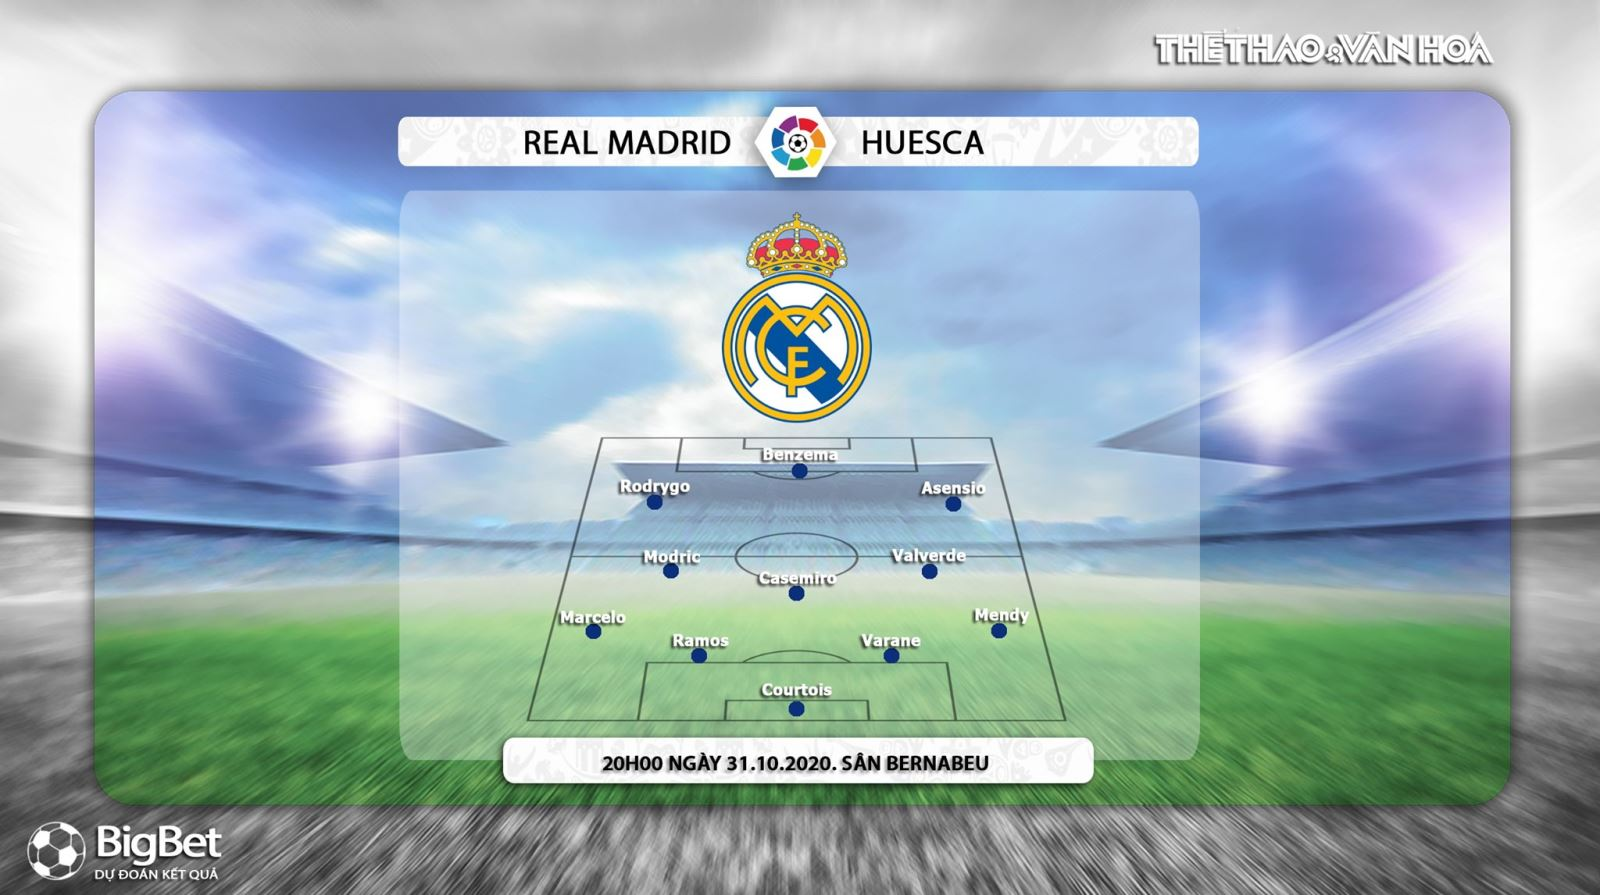 Keo nha cai, kèo nhà cái, Real Madrid vs Huesca, Vòng 8 La Liga, Trực tiếp bóng đá, BĐTV, trực tiếp bóng đá hôm nay, tin tức bóng đá, soi kèo Real Madrid đấu với Huesca